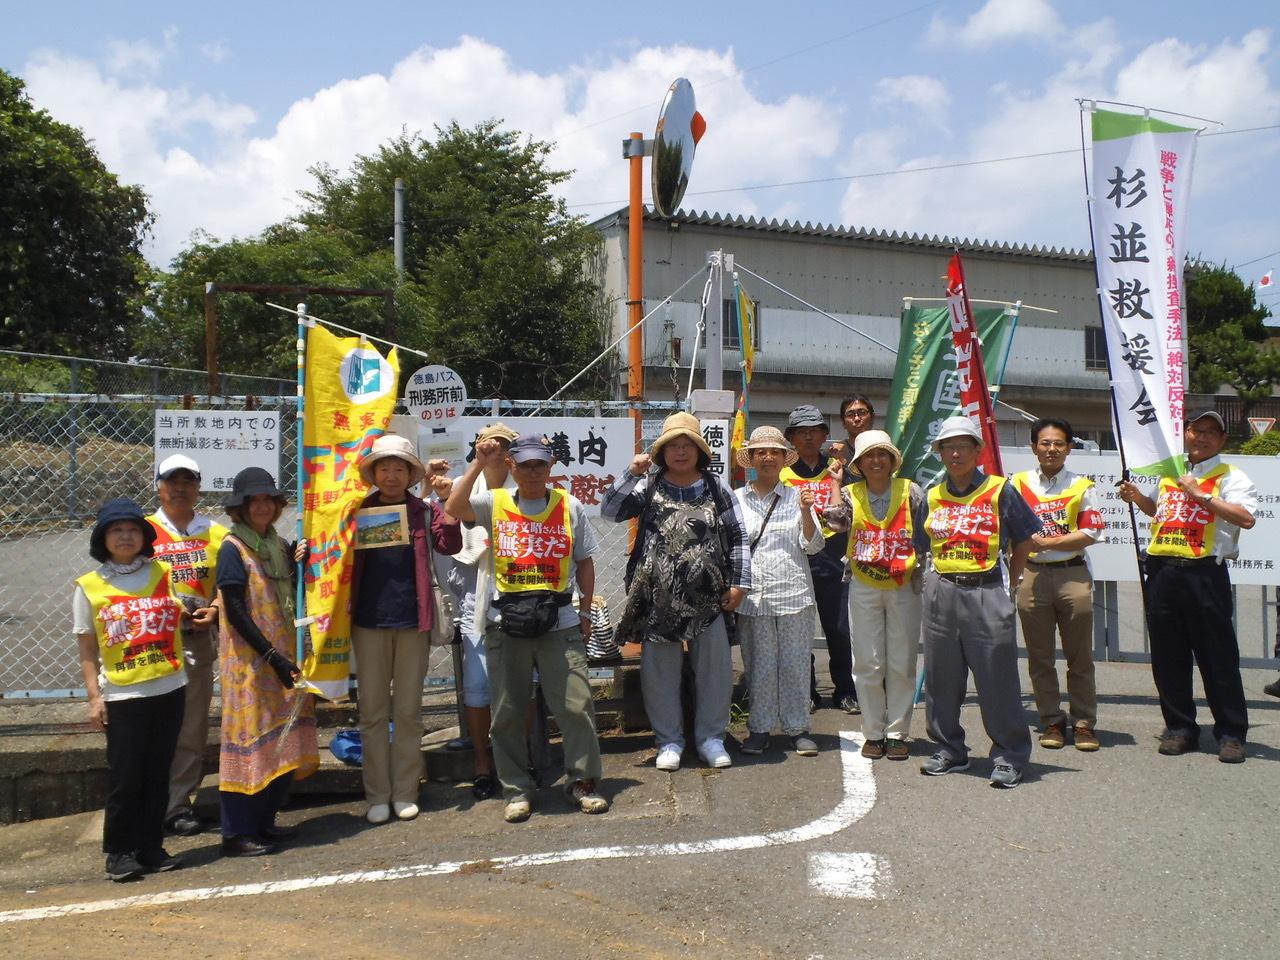 7月14日~15日、徳島市で星野全国総会を開催。14日は徳島駅前をデモ。15日は青年集会、中四国の青年が中心となり議論した。_d0155415_19005888.jpg